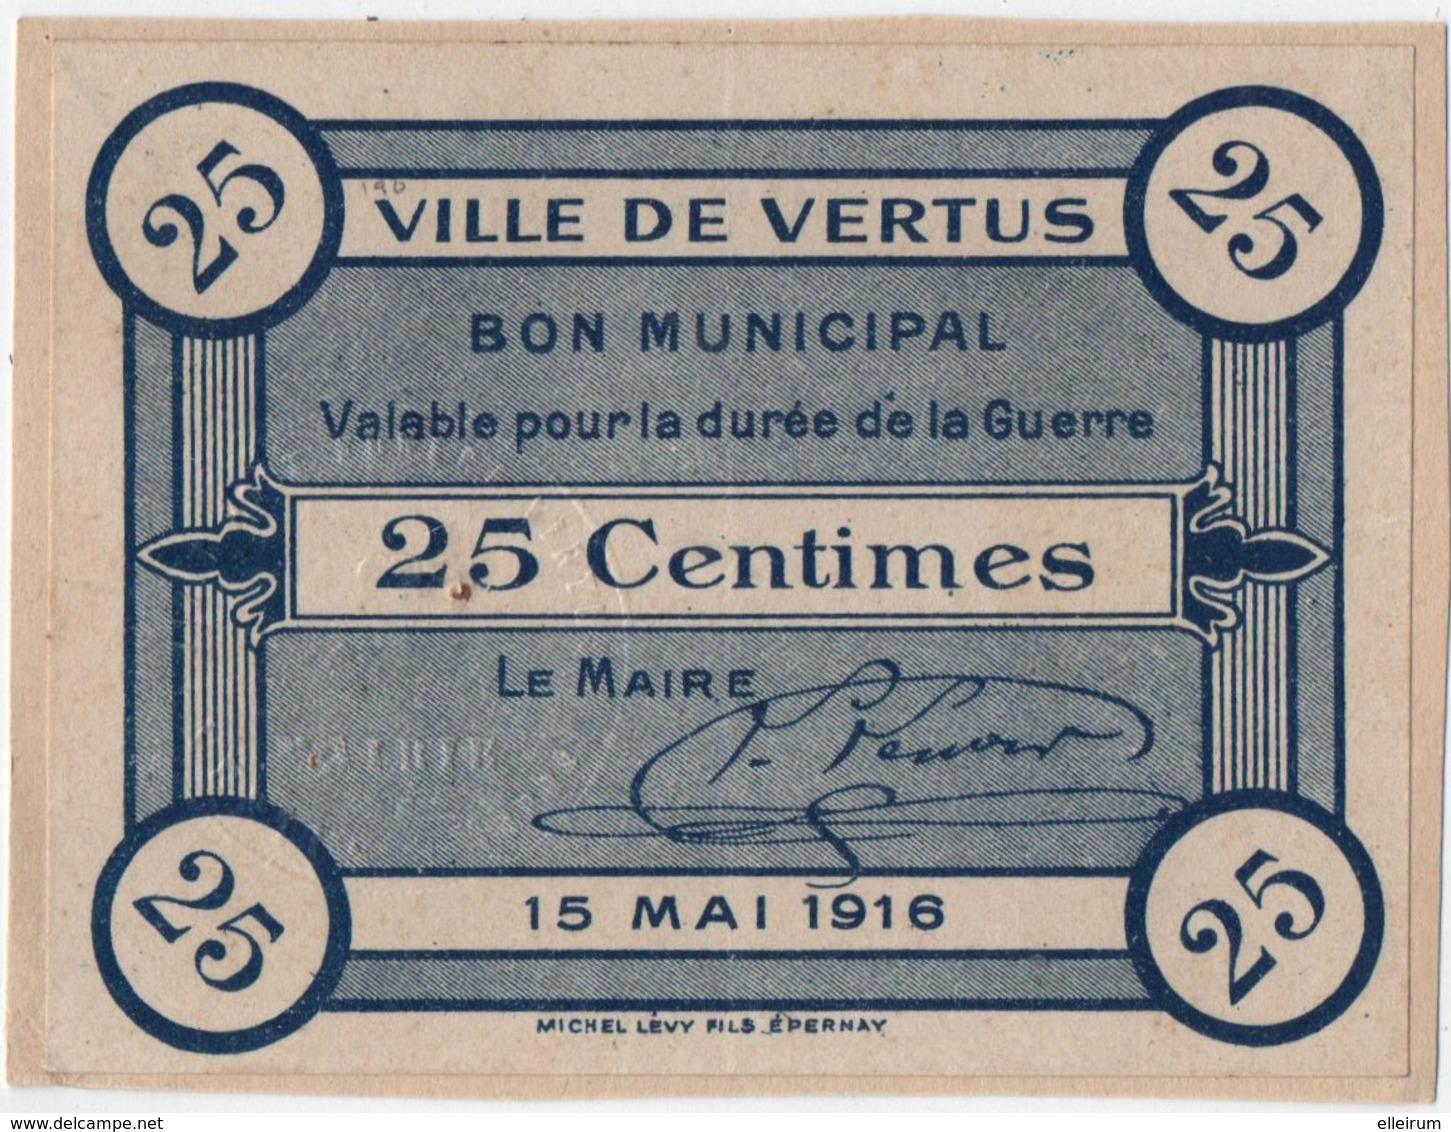 VERTUS (51) BON MUNICIPAL. 25 CENTIMES. 1916. - Bons & Nécessité